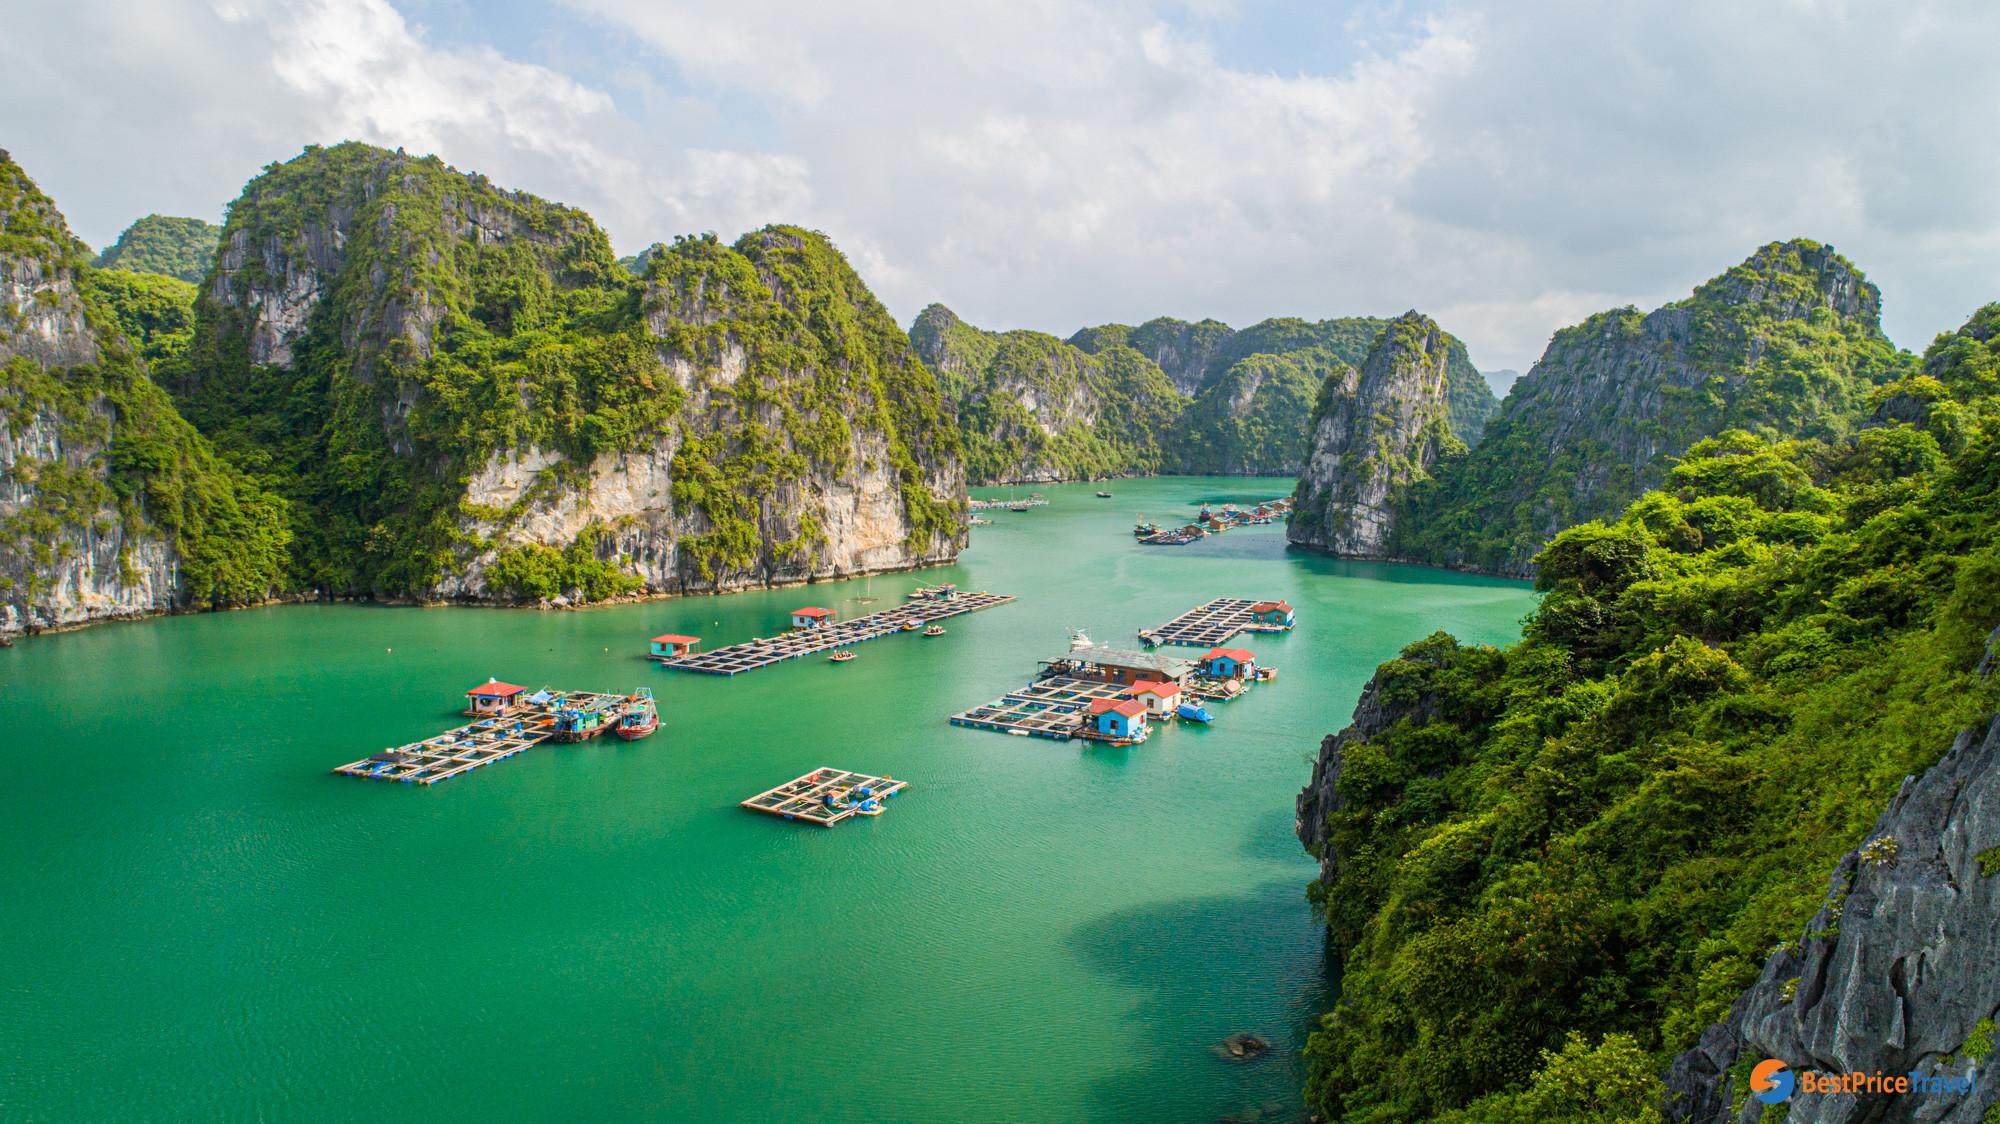 Van Boi Fishing Village